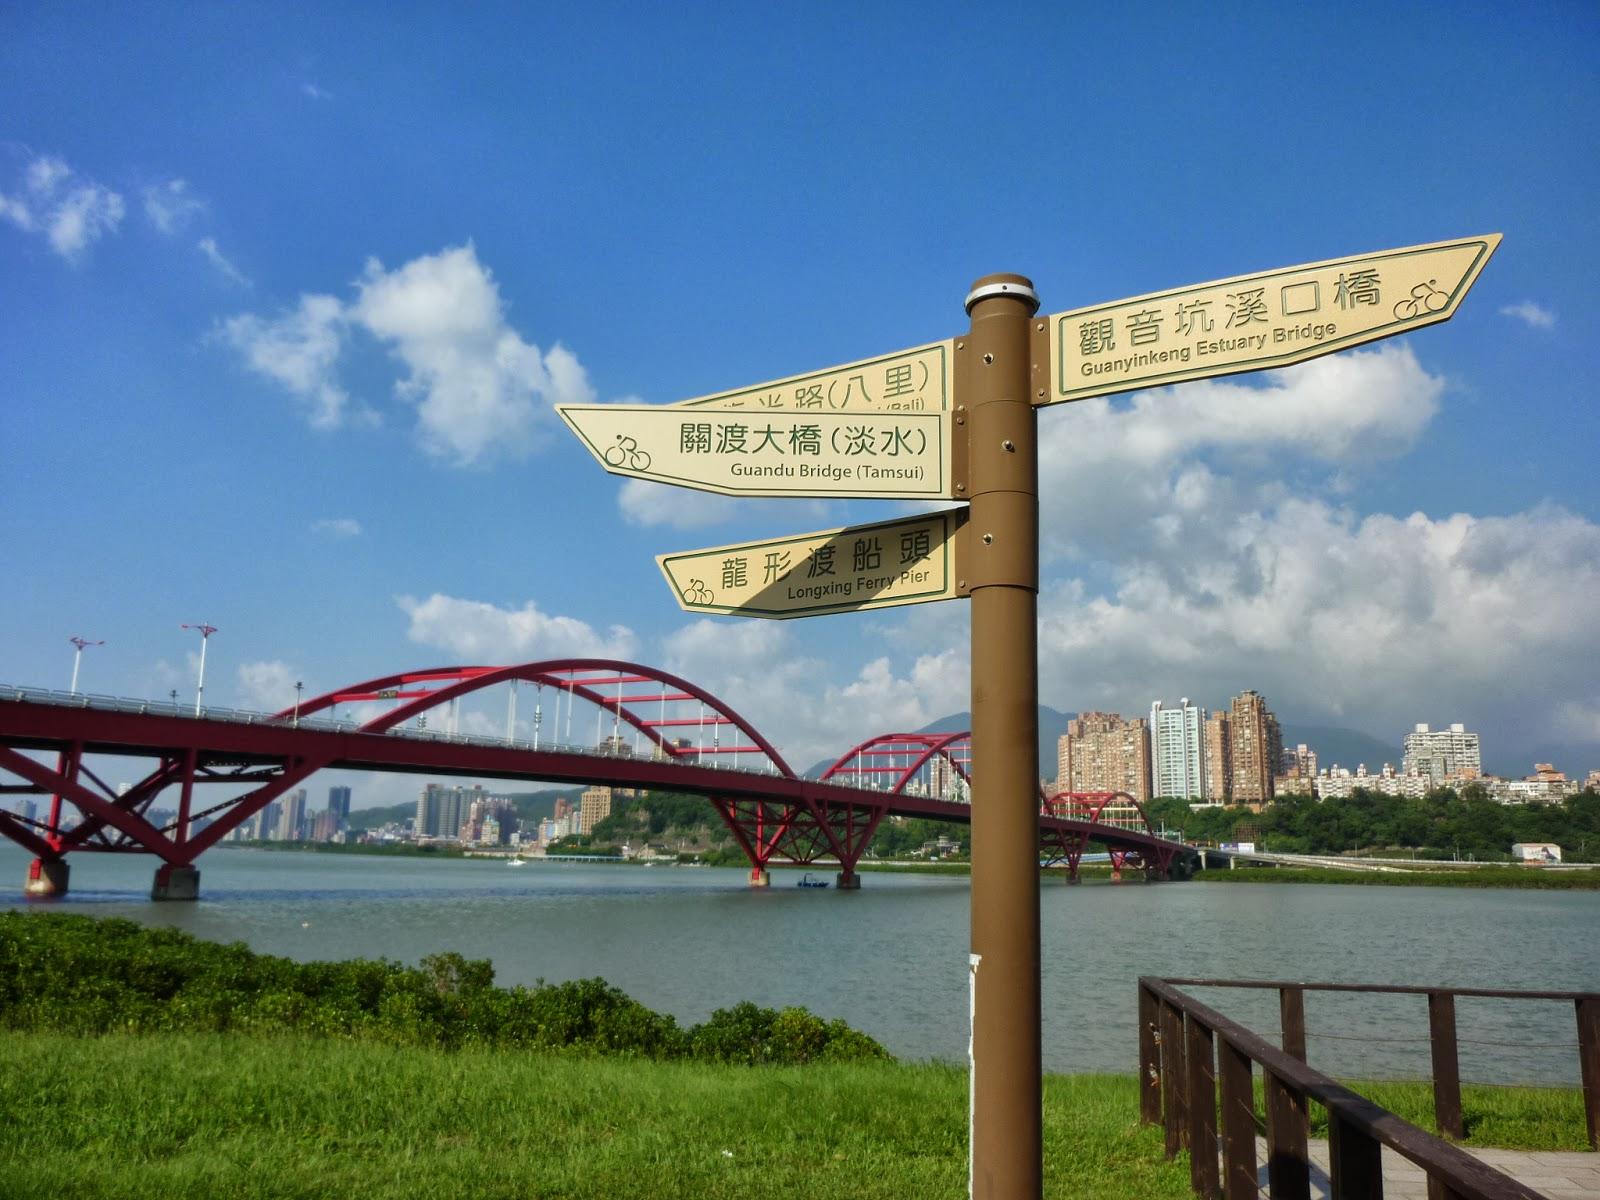 朱式幸福: 新北河濱自行車道--八里左岸